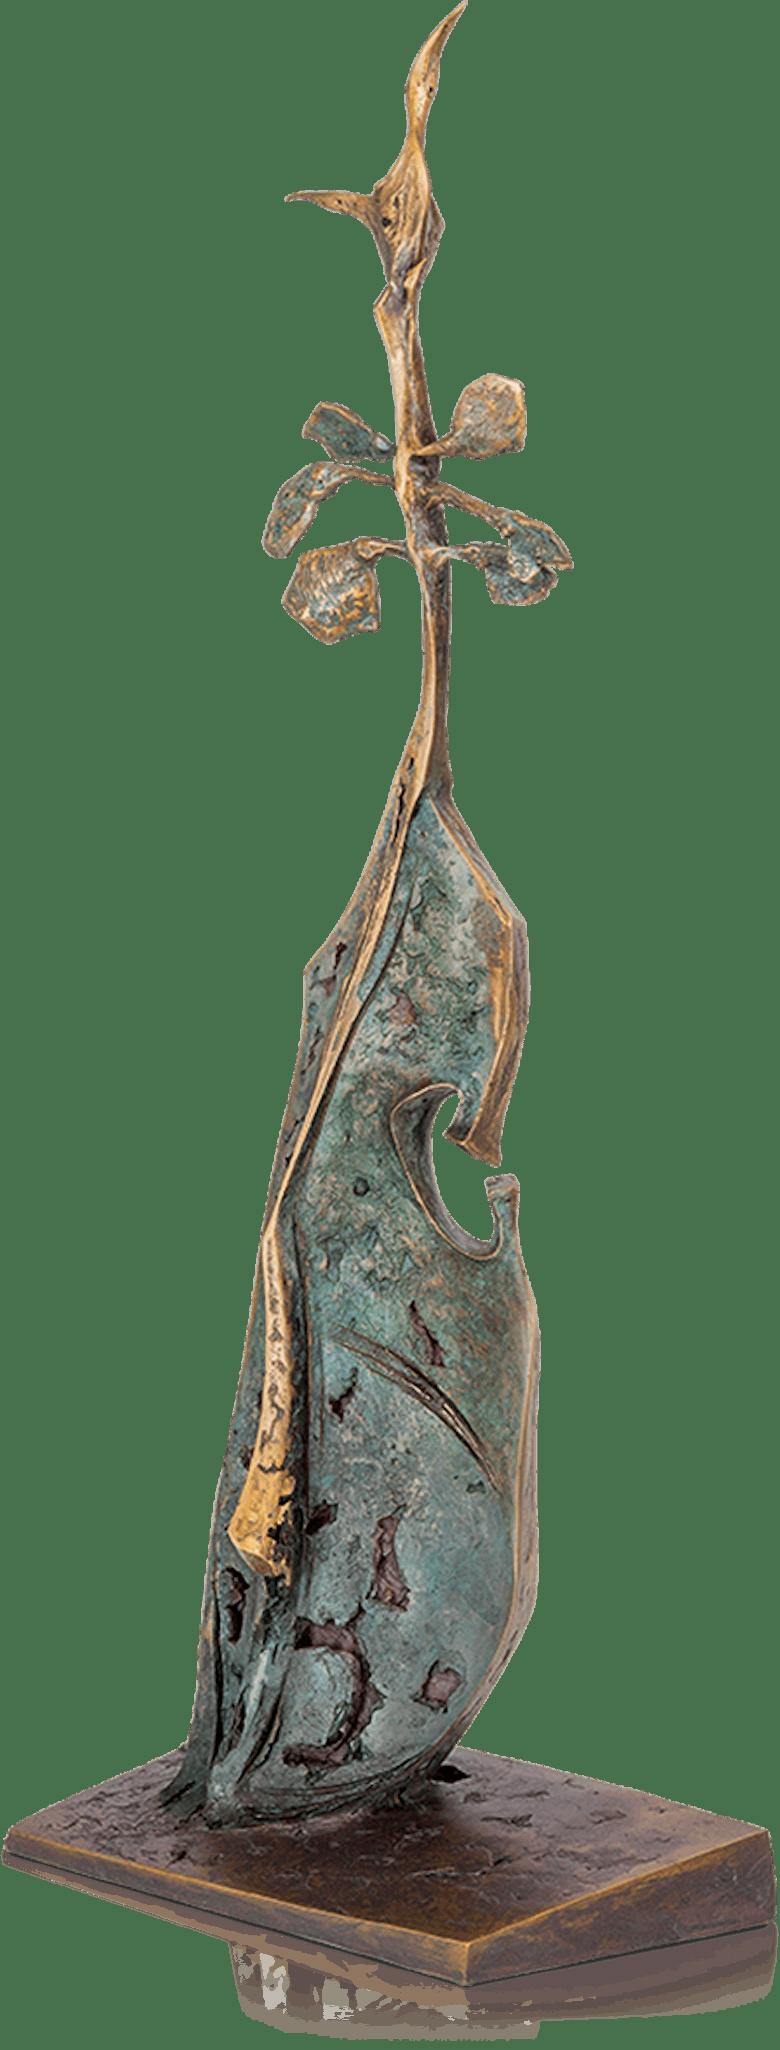 Bronzefigur Frühling von Woytek